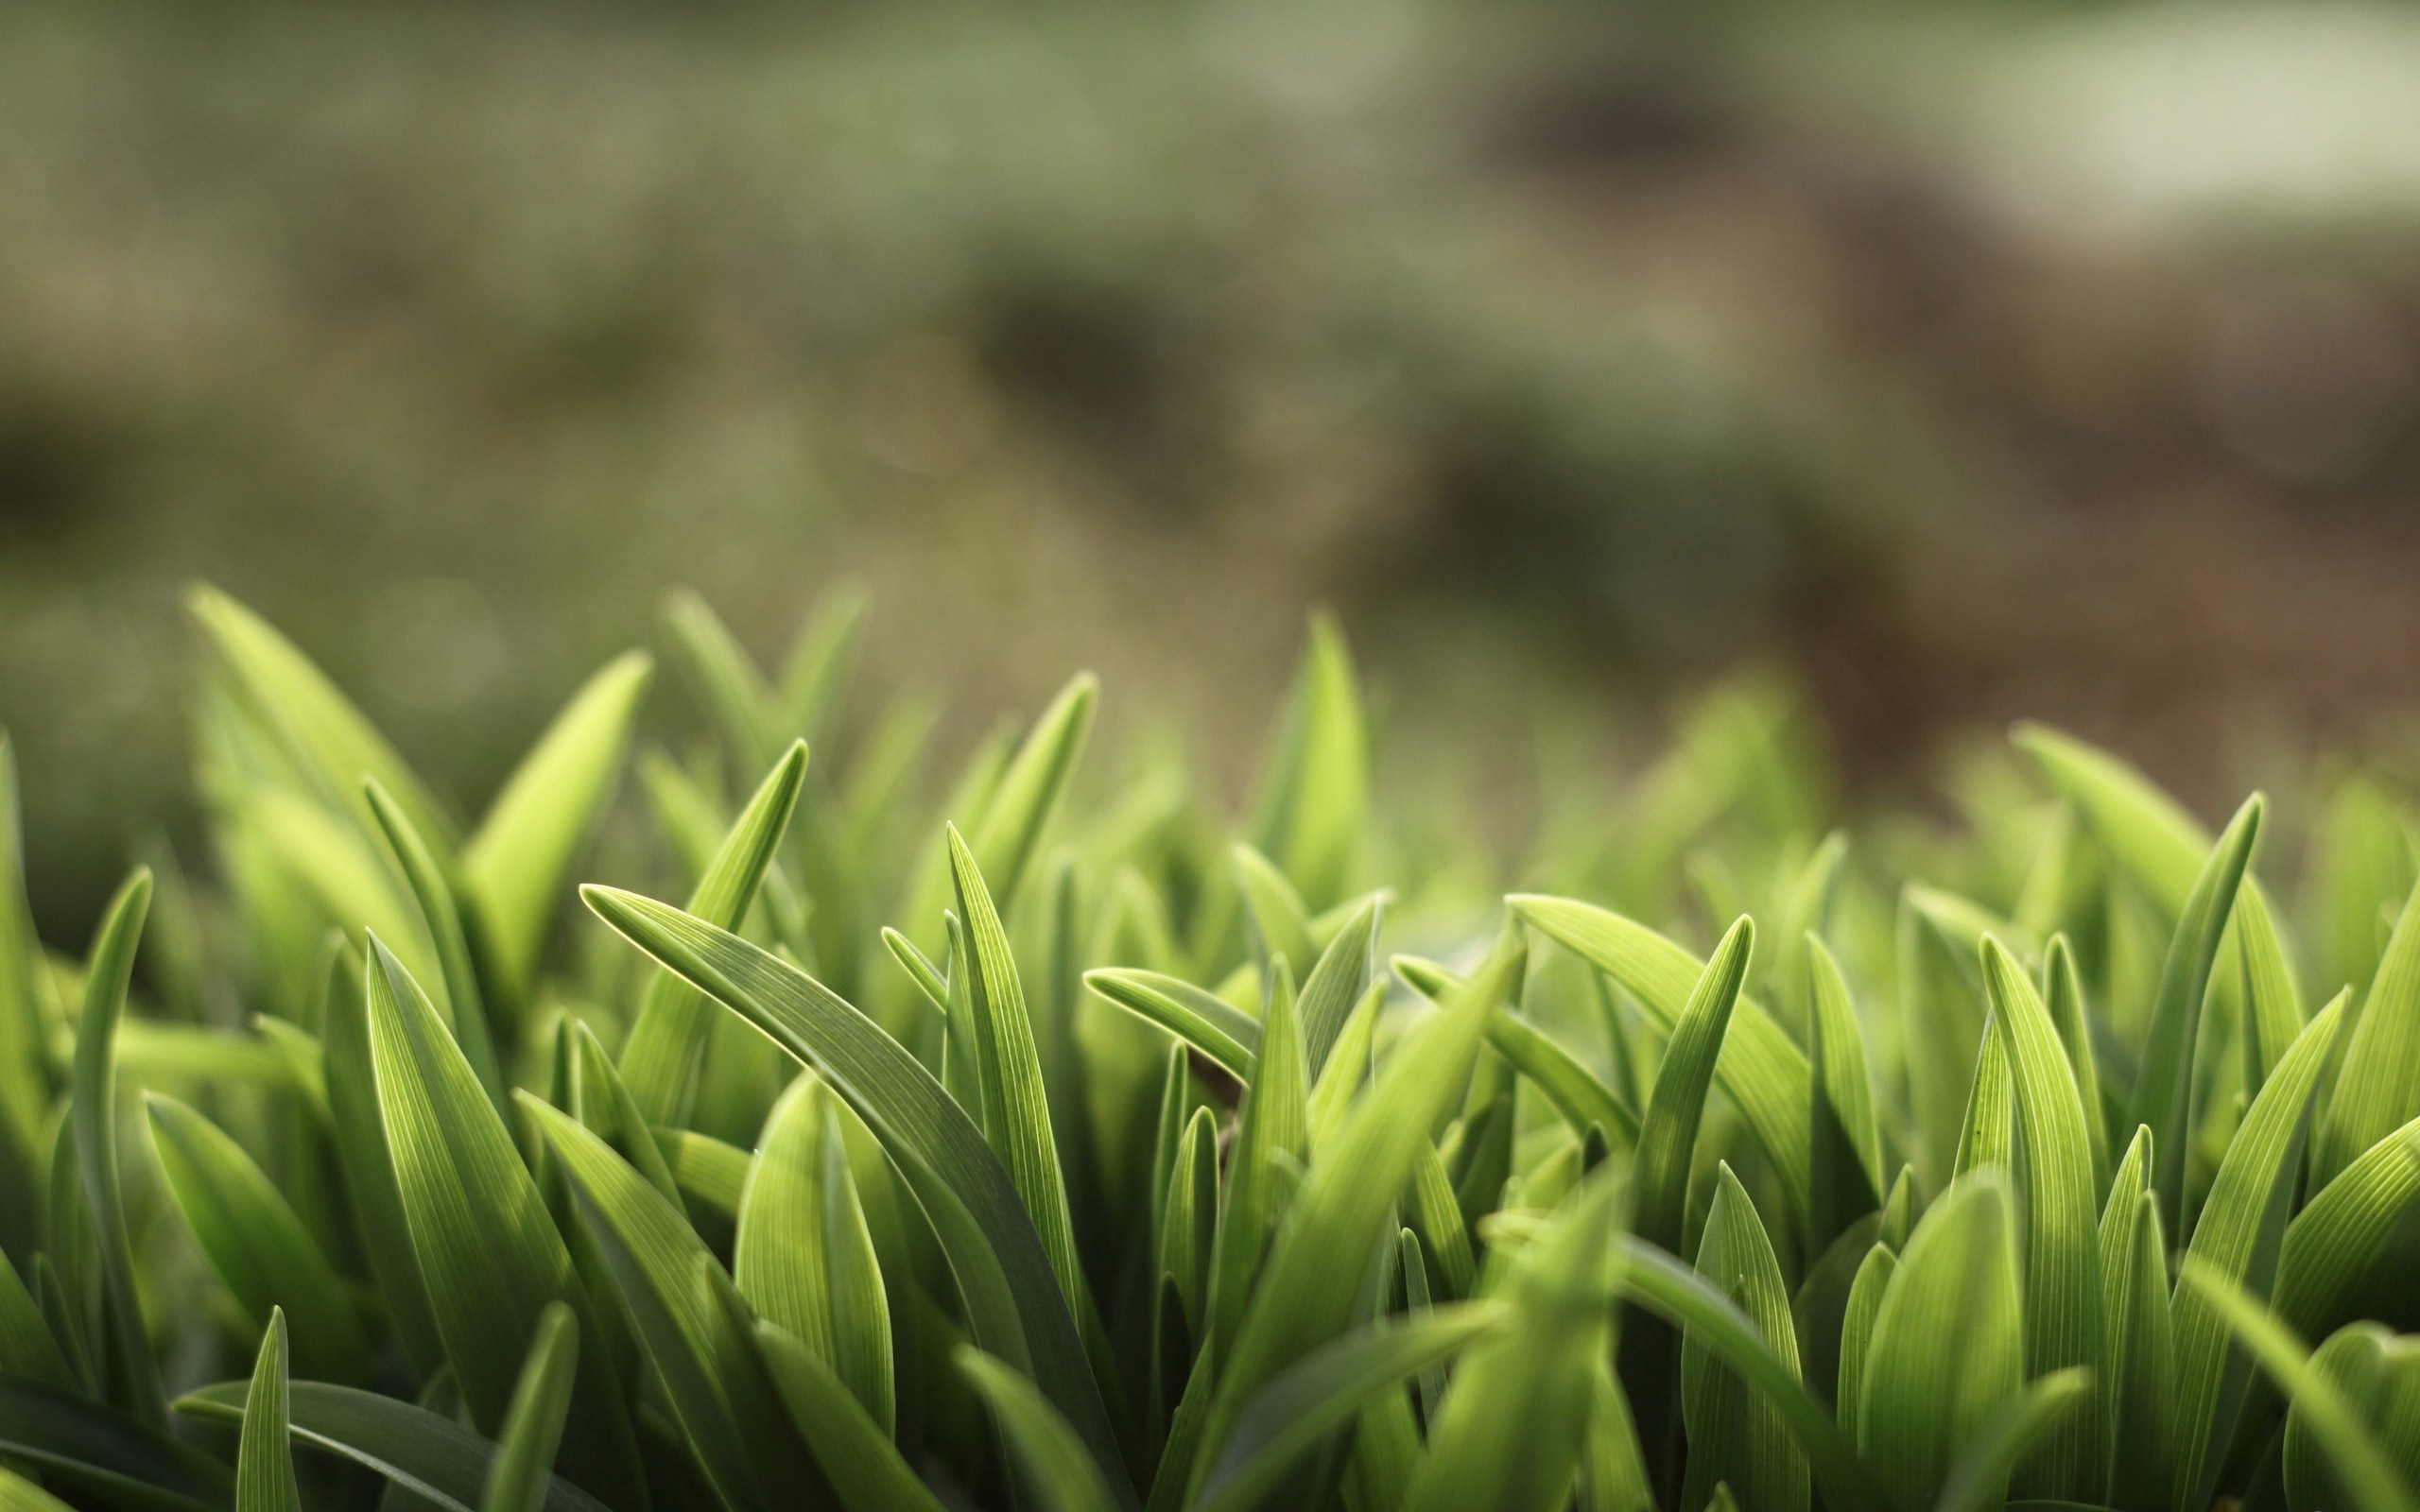 Grass Close-Up Nature HD Wallpaper